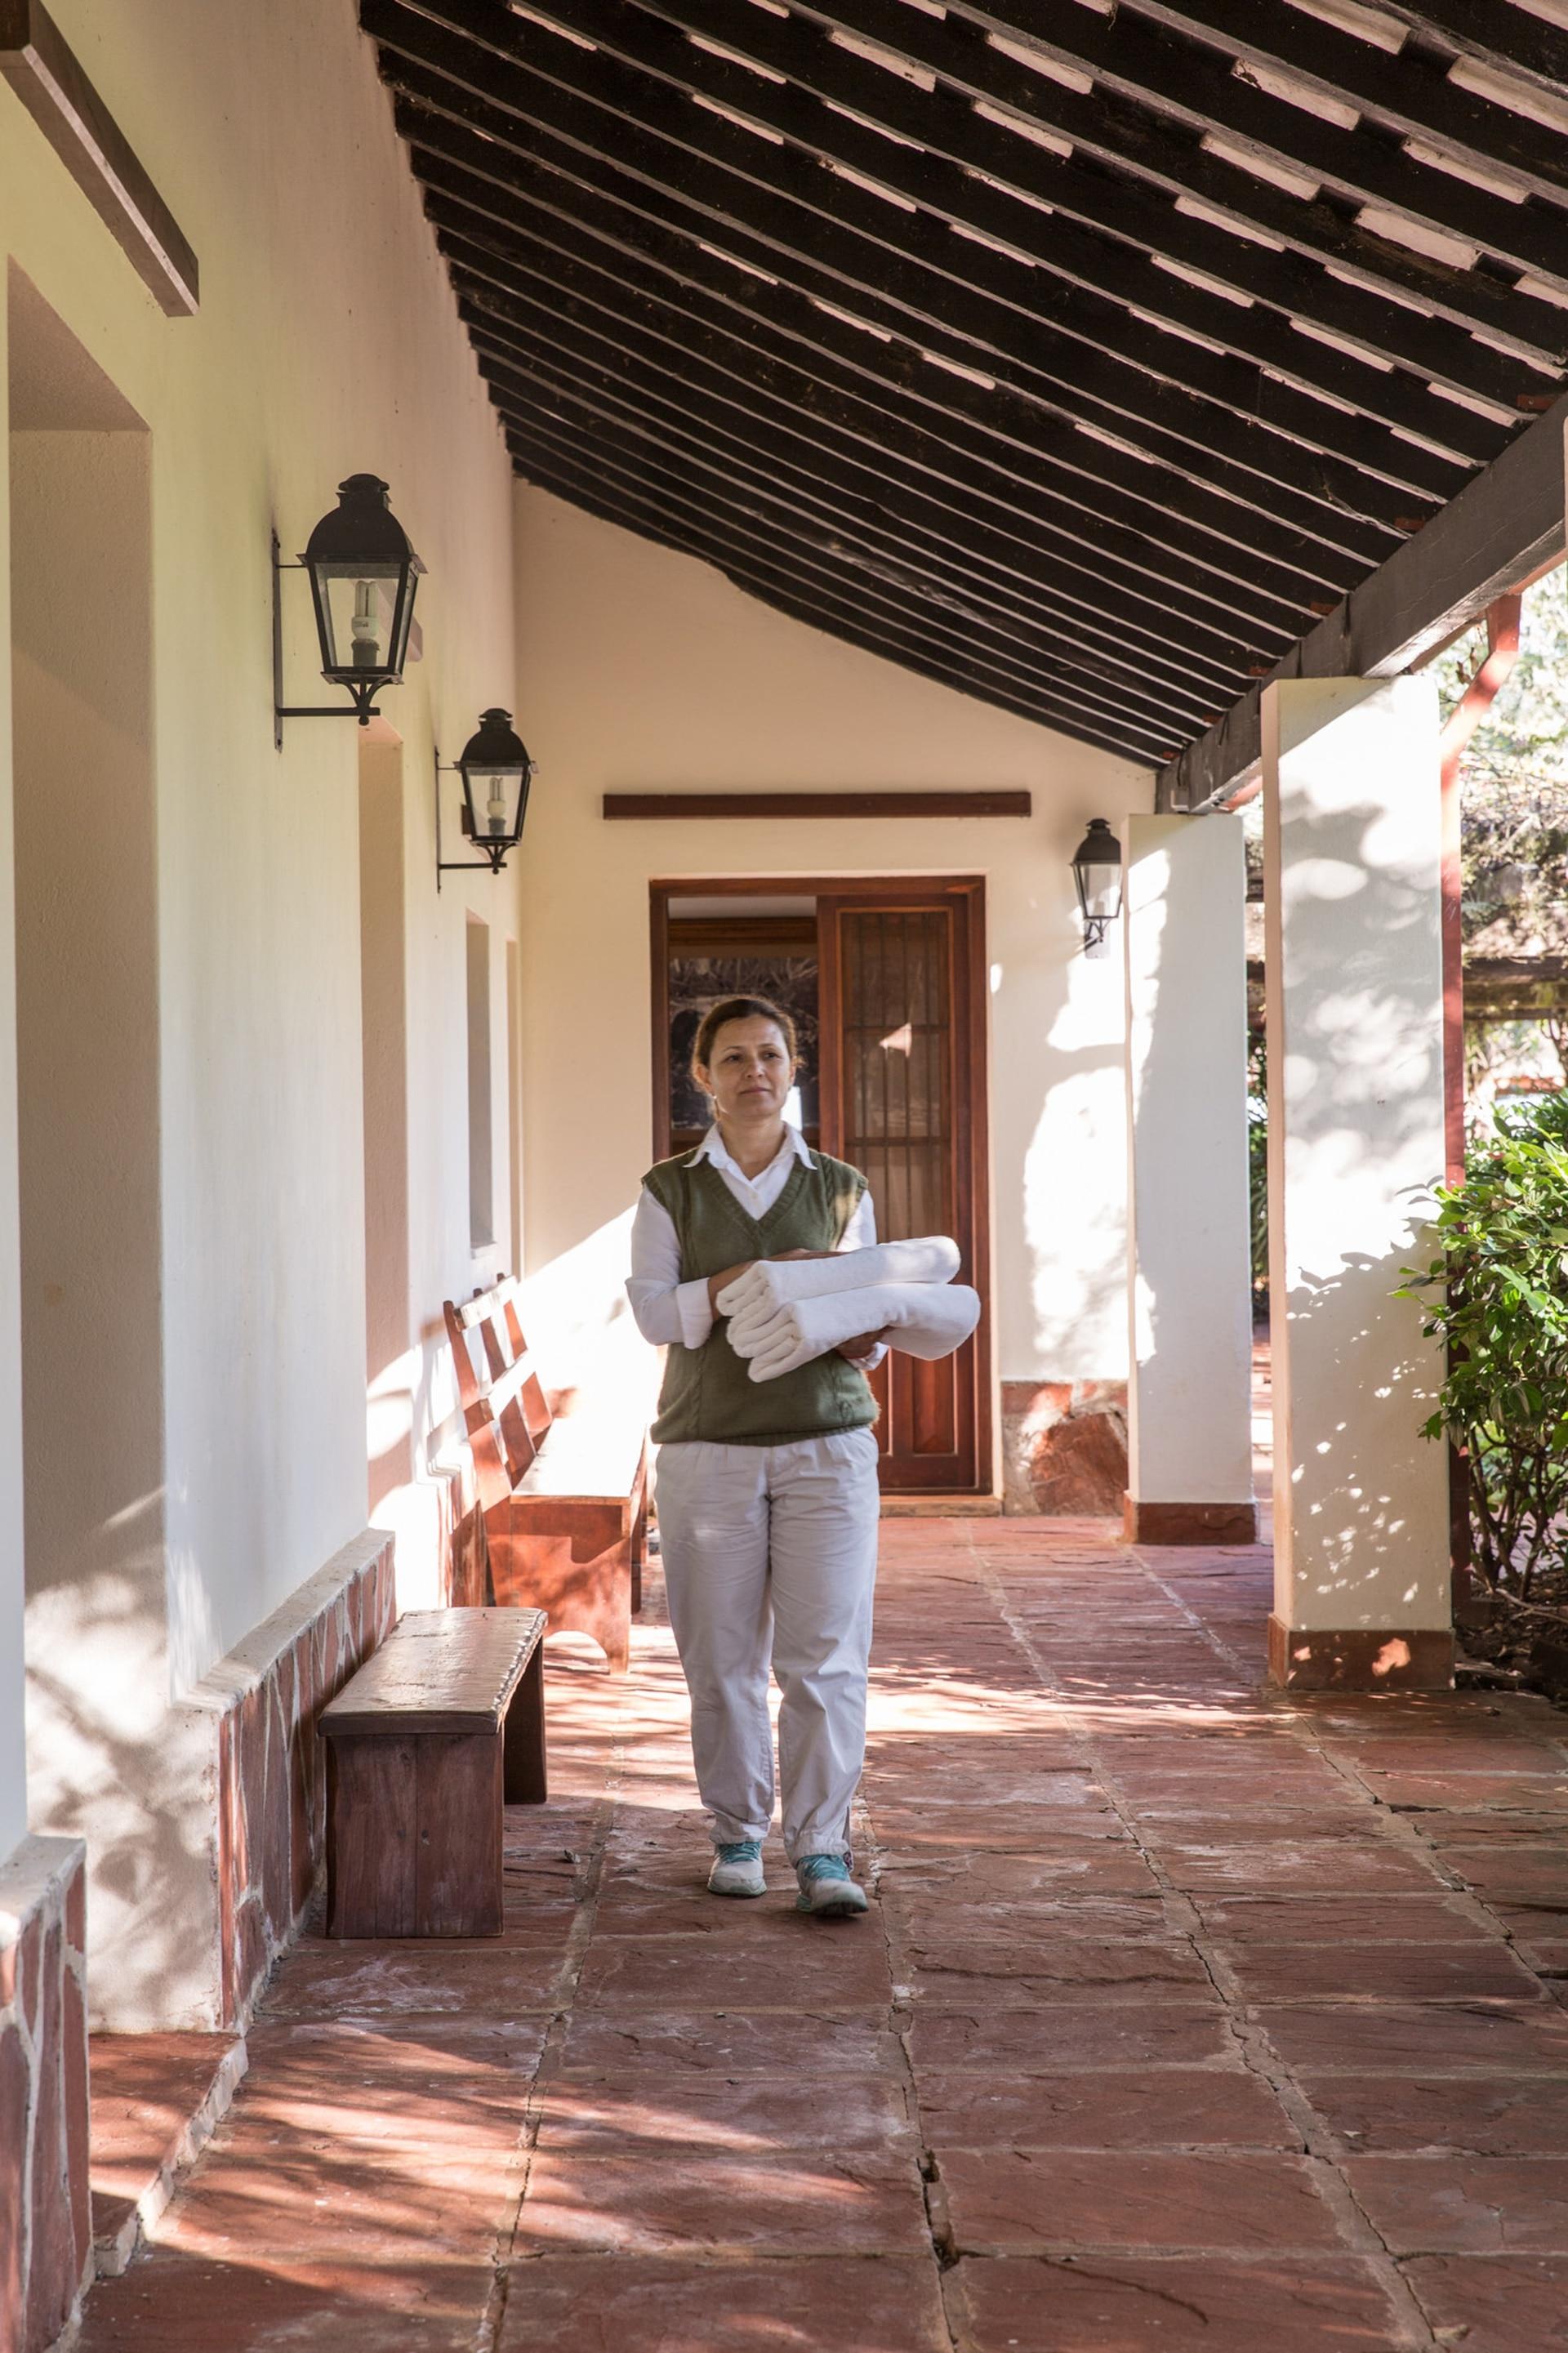 La hostería conserva el estilo del casco de la estancia ganadera original.